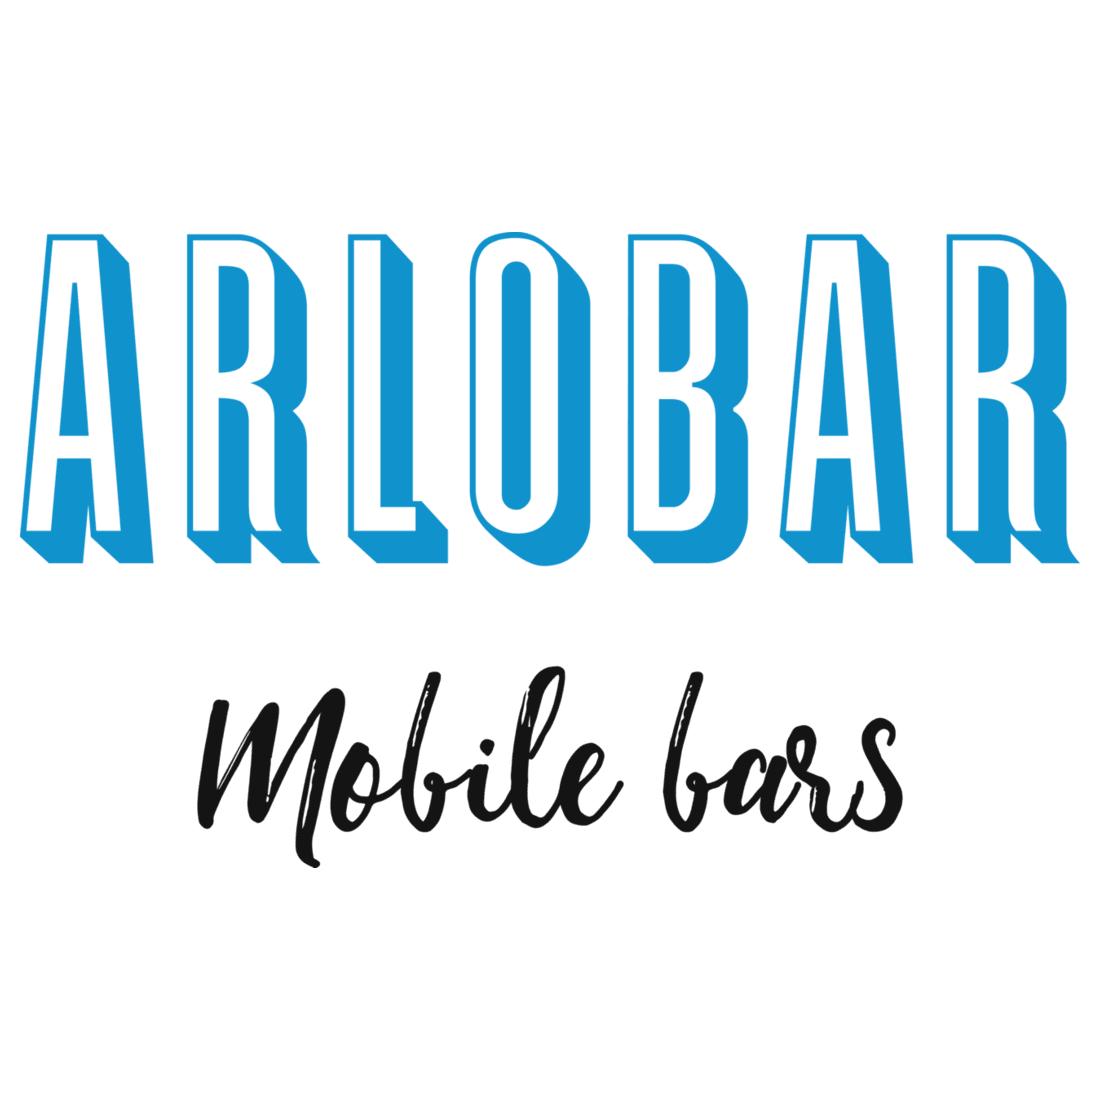 Arlobar